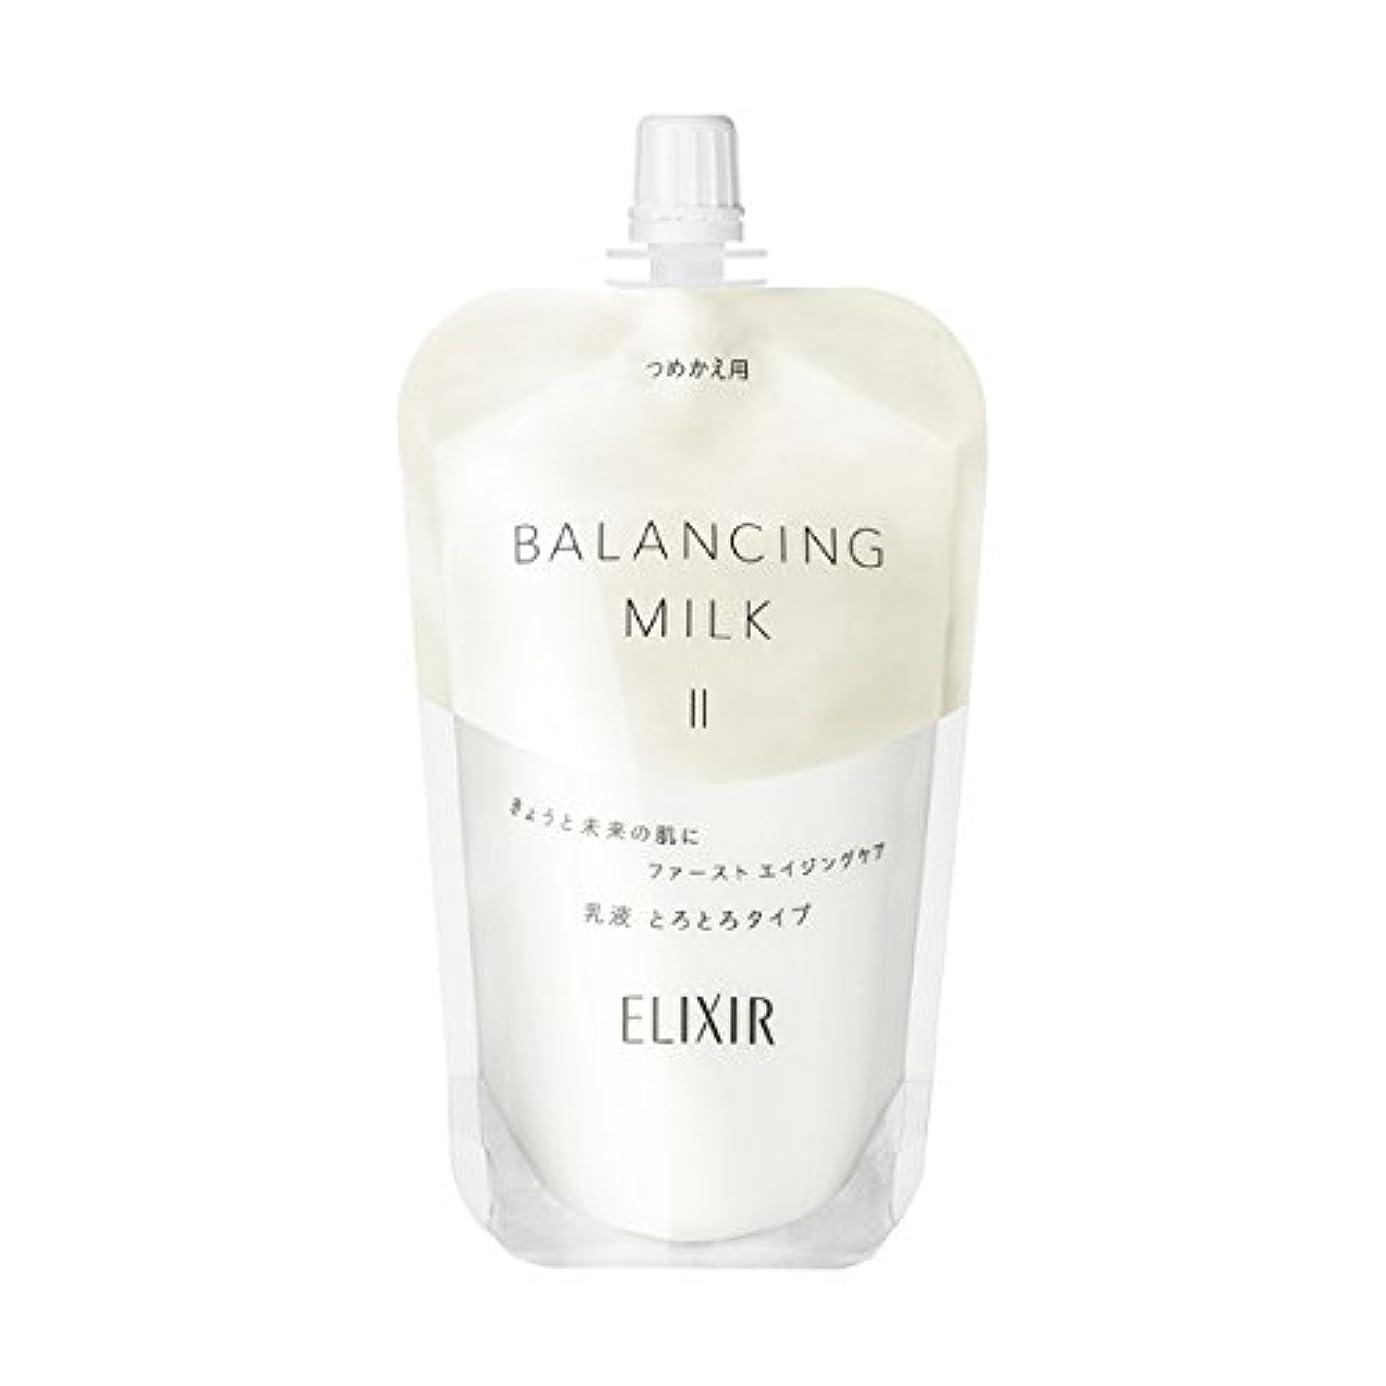 谷給料想定エリクシール ルフレ バランシング ミルク 乳液 2 (とろとろタイプ) (つめかえ用) 110mL